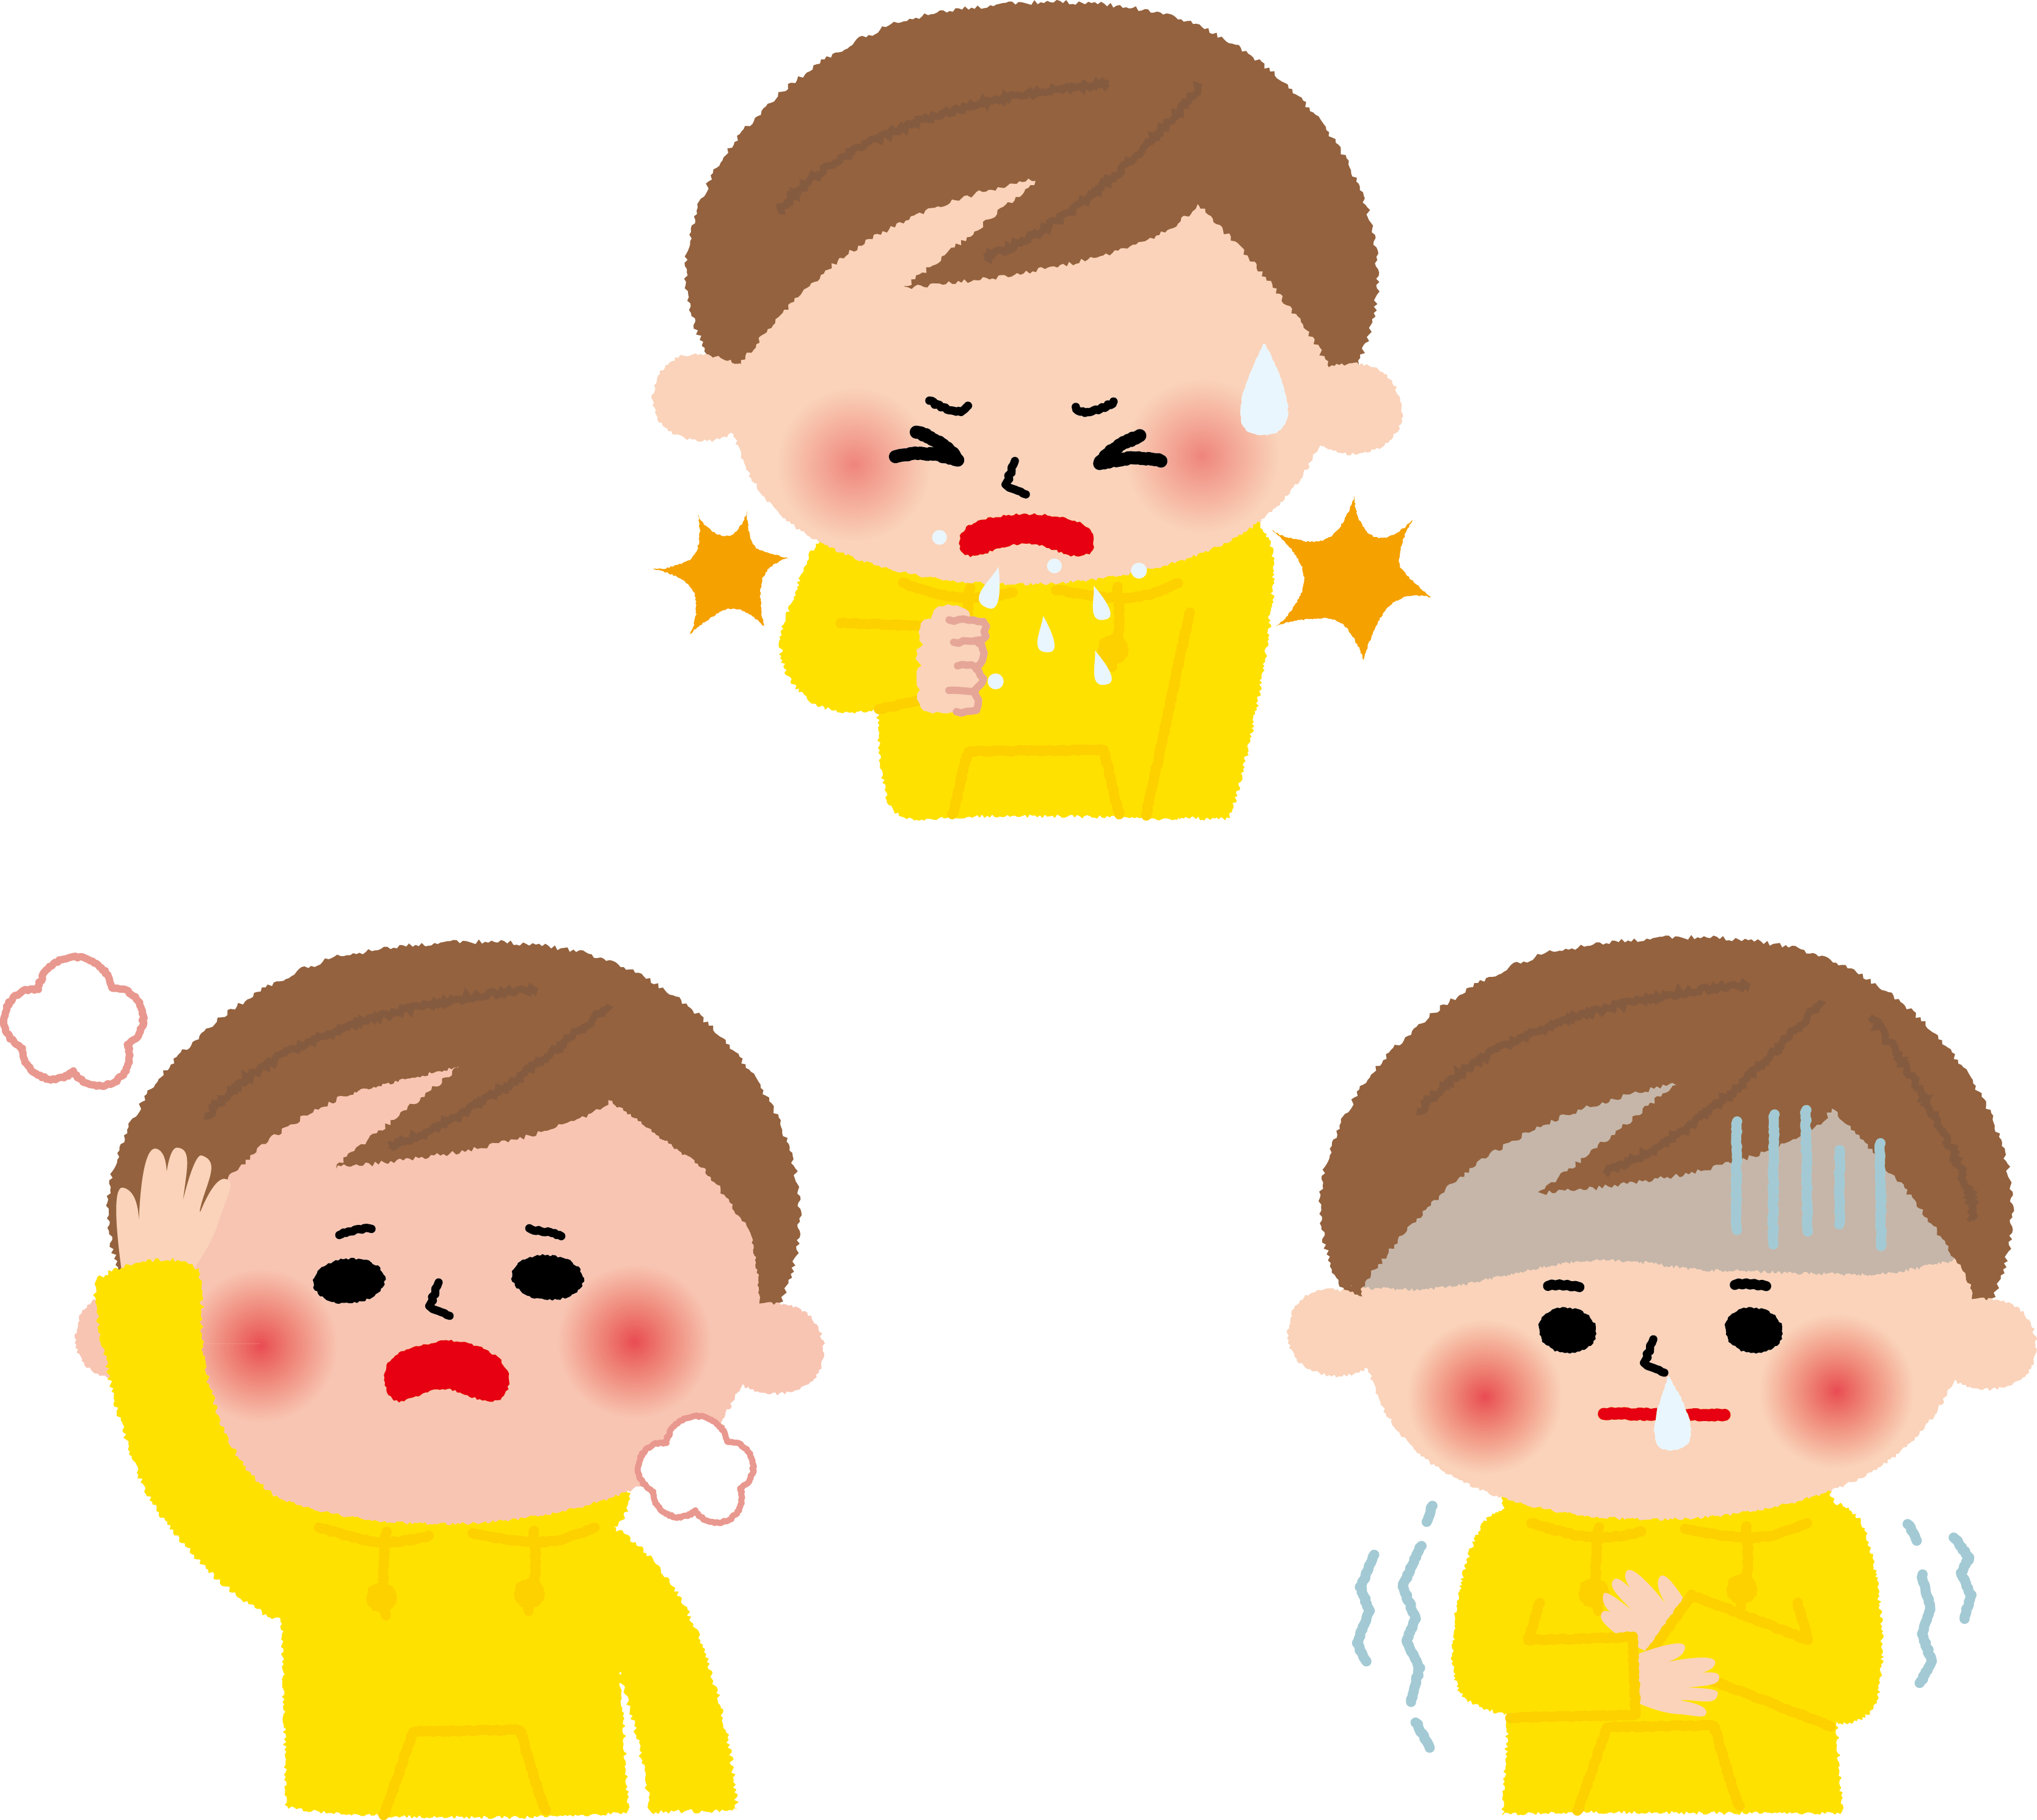 小児の風邪症状は、どれくらい続くのか?